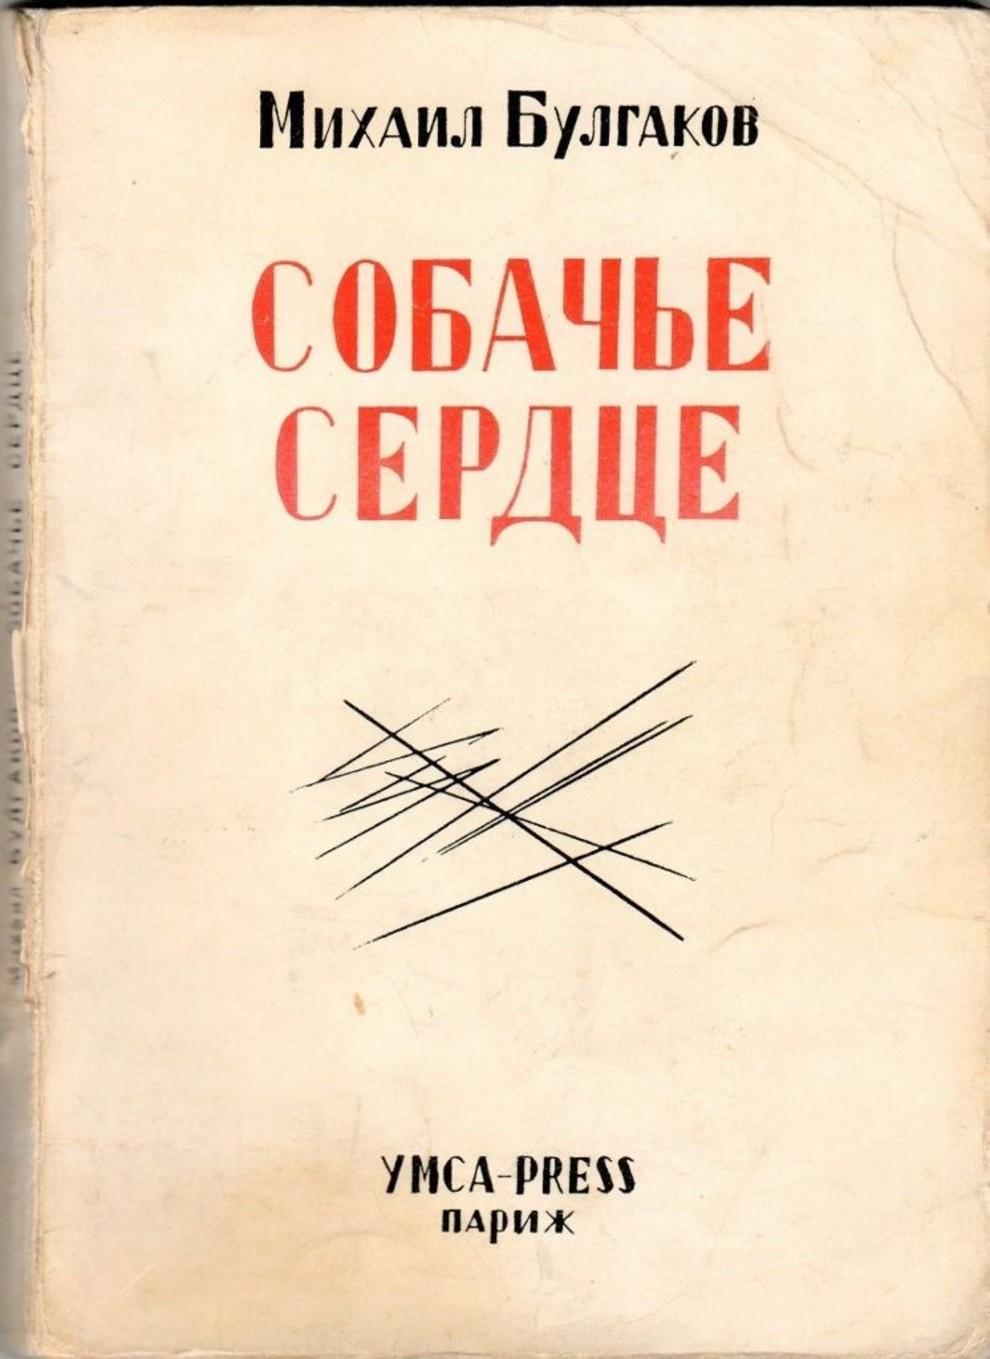 Оригинальная обложка книги «Собачье сердце»